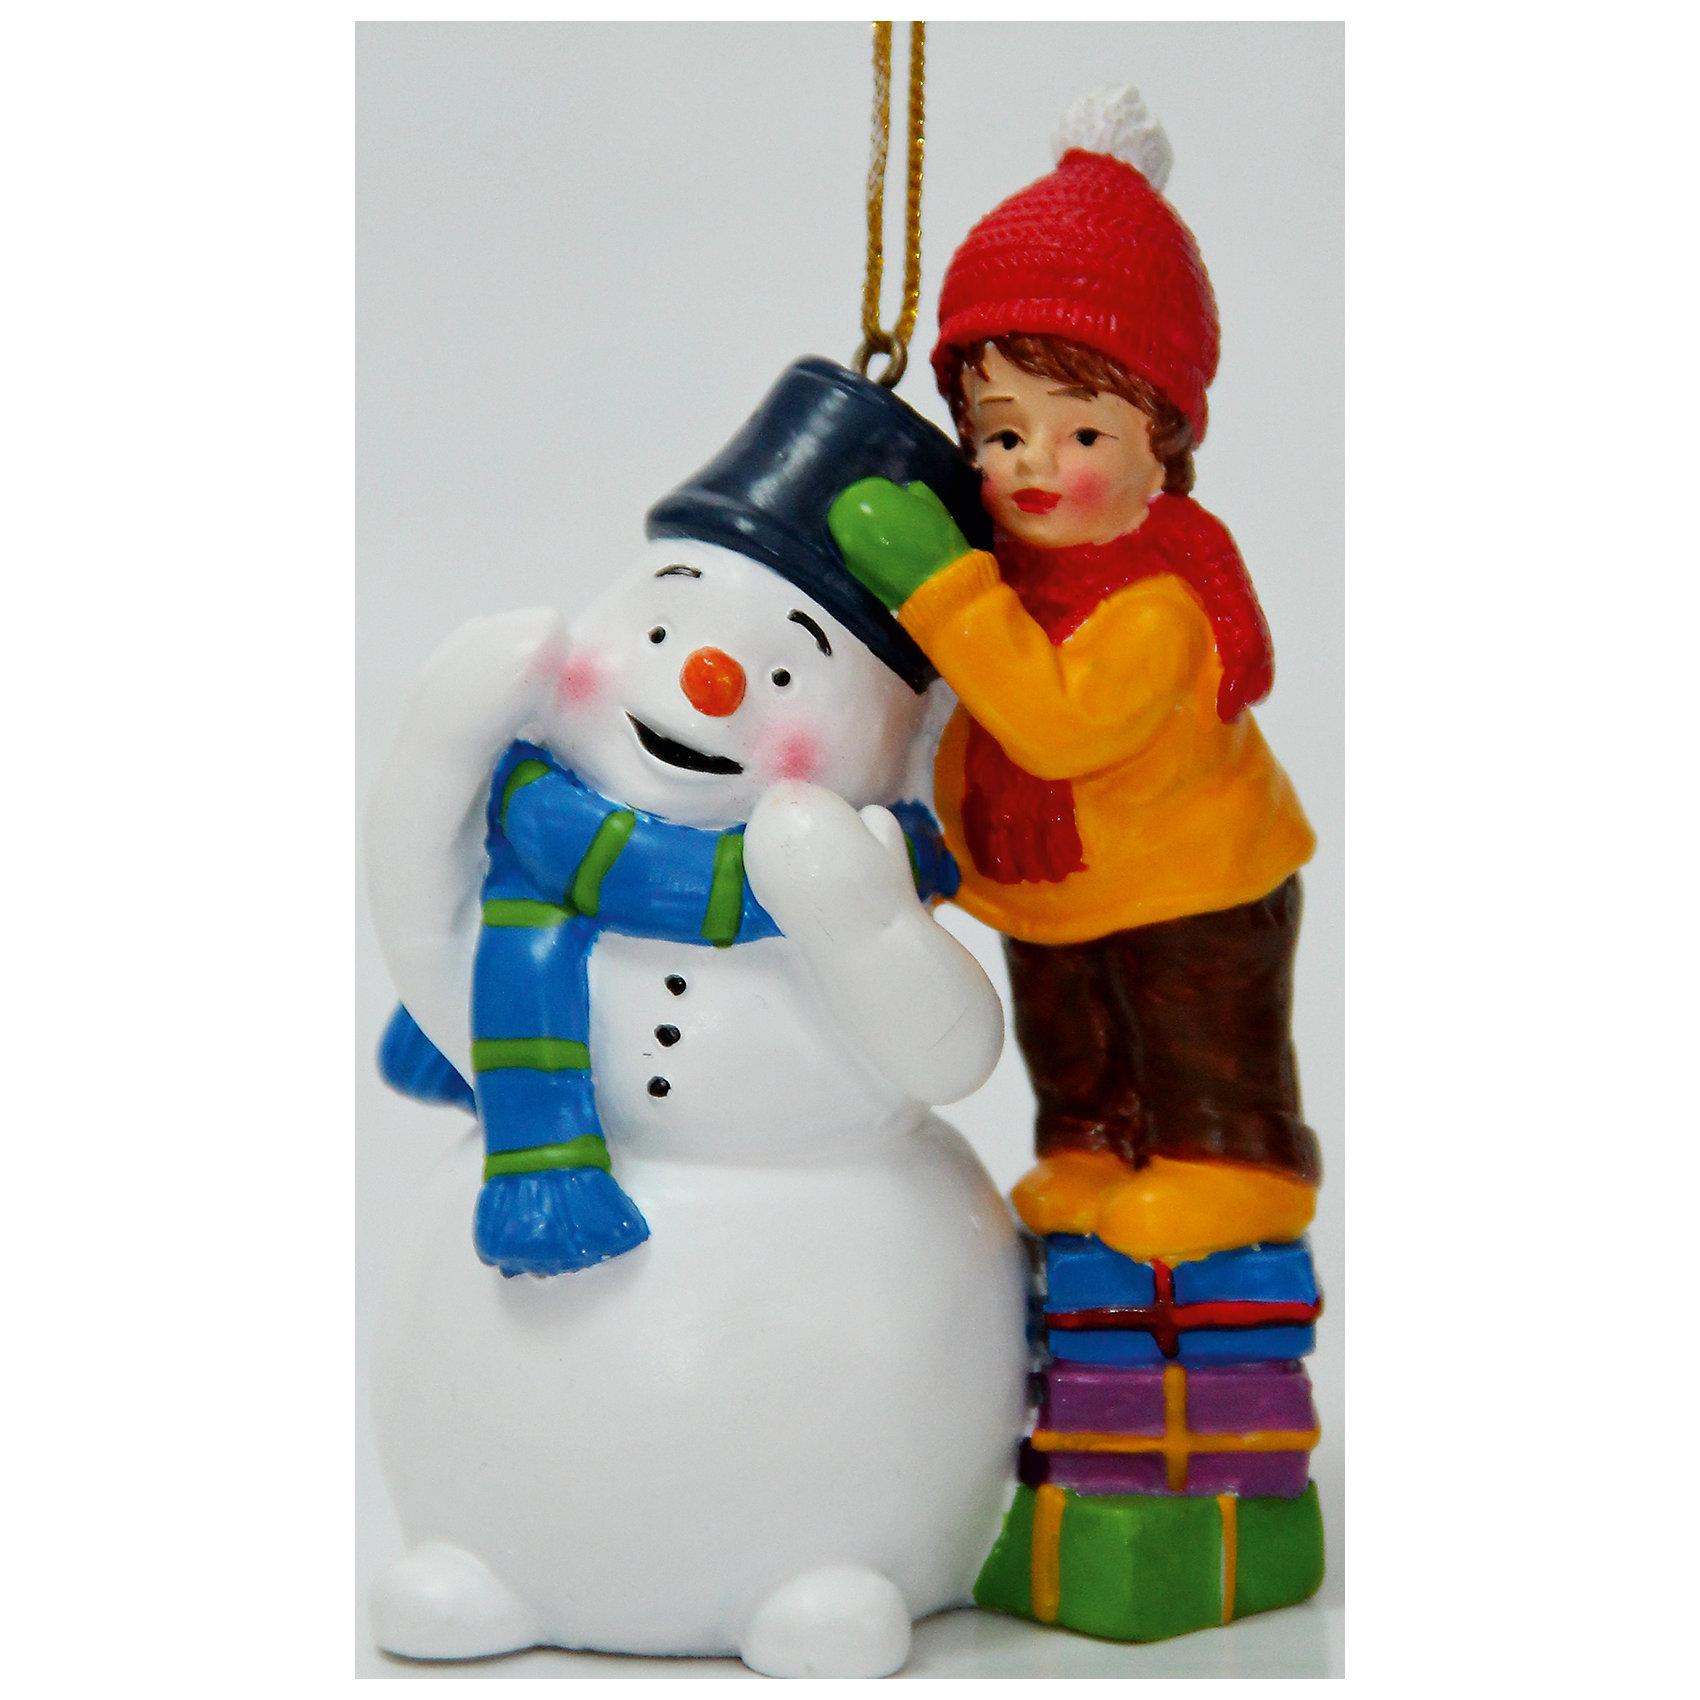 Новогоднее подвесное украшение (5.5*3.5*8см, из полирезины)Всё для праздника<br>Новогоднее подвесн.украш. арт 38315 (5.5*3.5*8см, из полирезины) / 5.5*3.5*8 арт.38315<br><br>Ширина мм: 60<br>Глубина мм: 40<br>Высота мм: 80<br>Вес г: 73<br>Возраст от месяцев: 60<br>Возраст до месяцев: 600<br>Пол: Унисекс<br>Возраст: Детский<br>SKU: 5144731